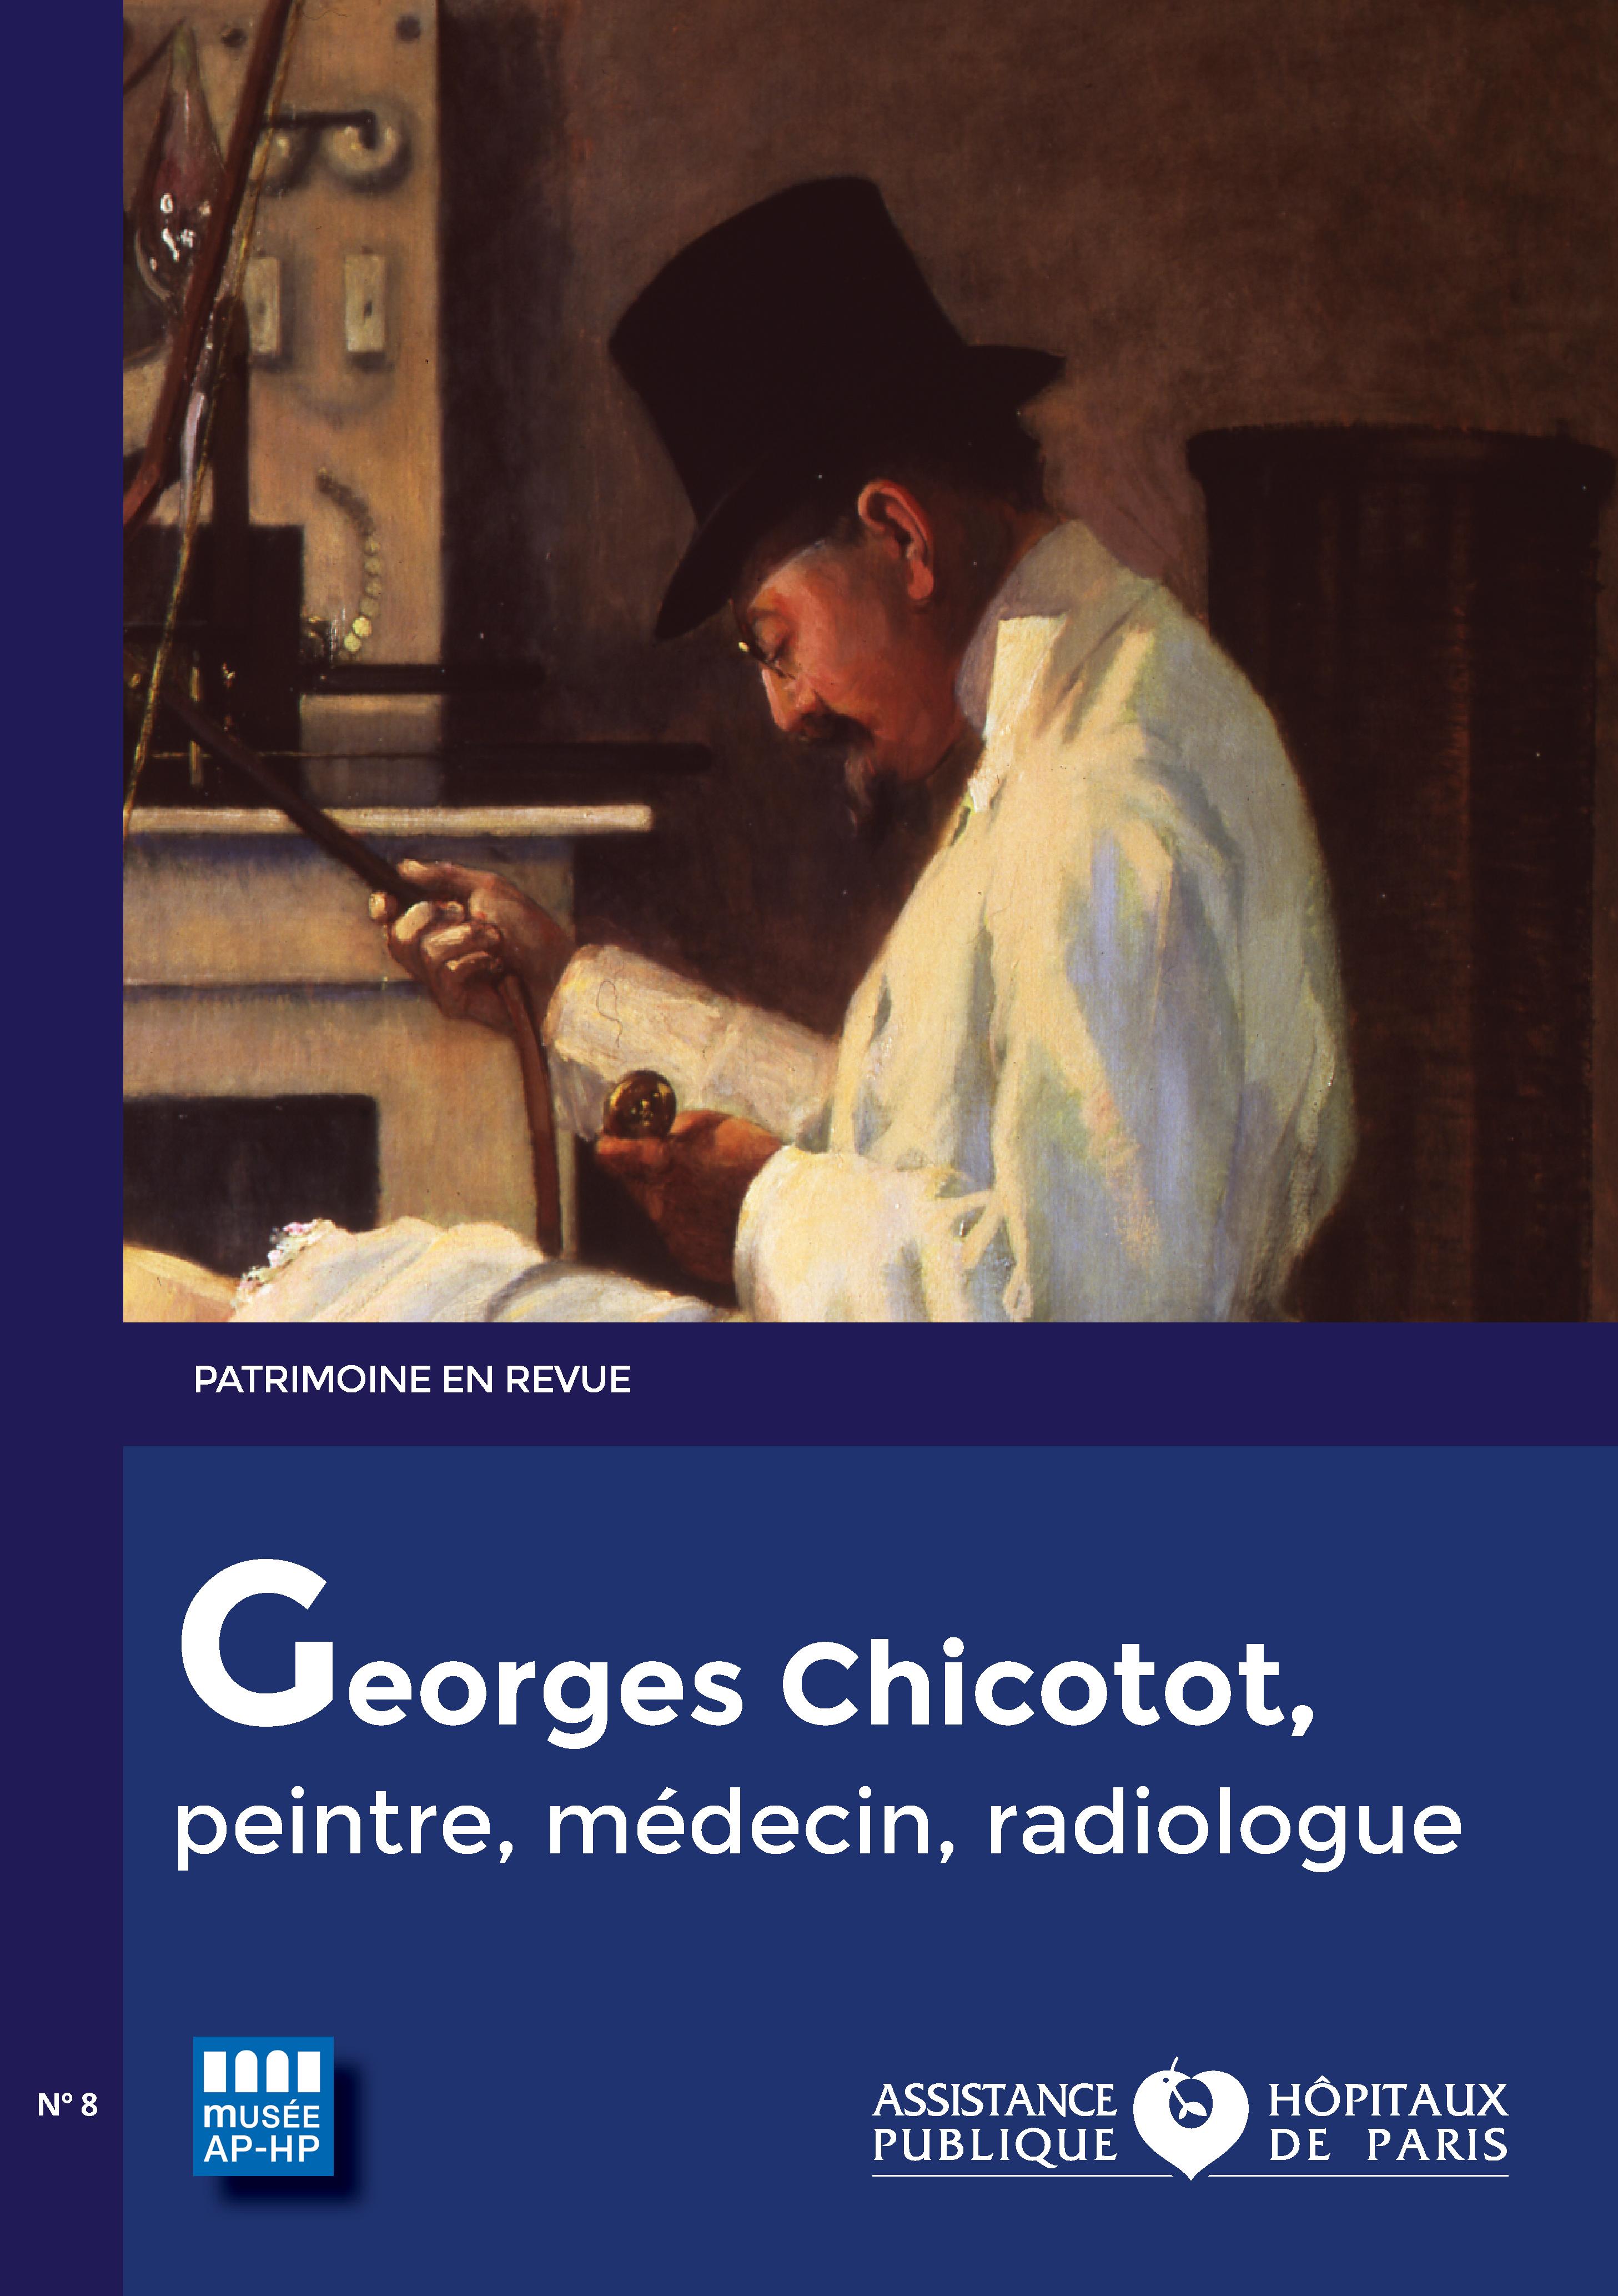 Patrimoine en revue - G. Chicotot